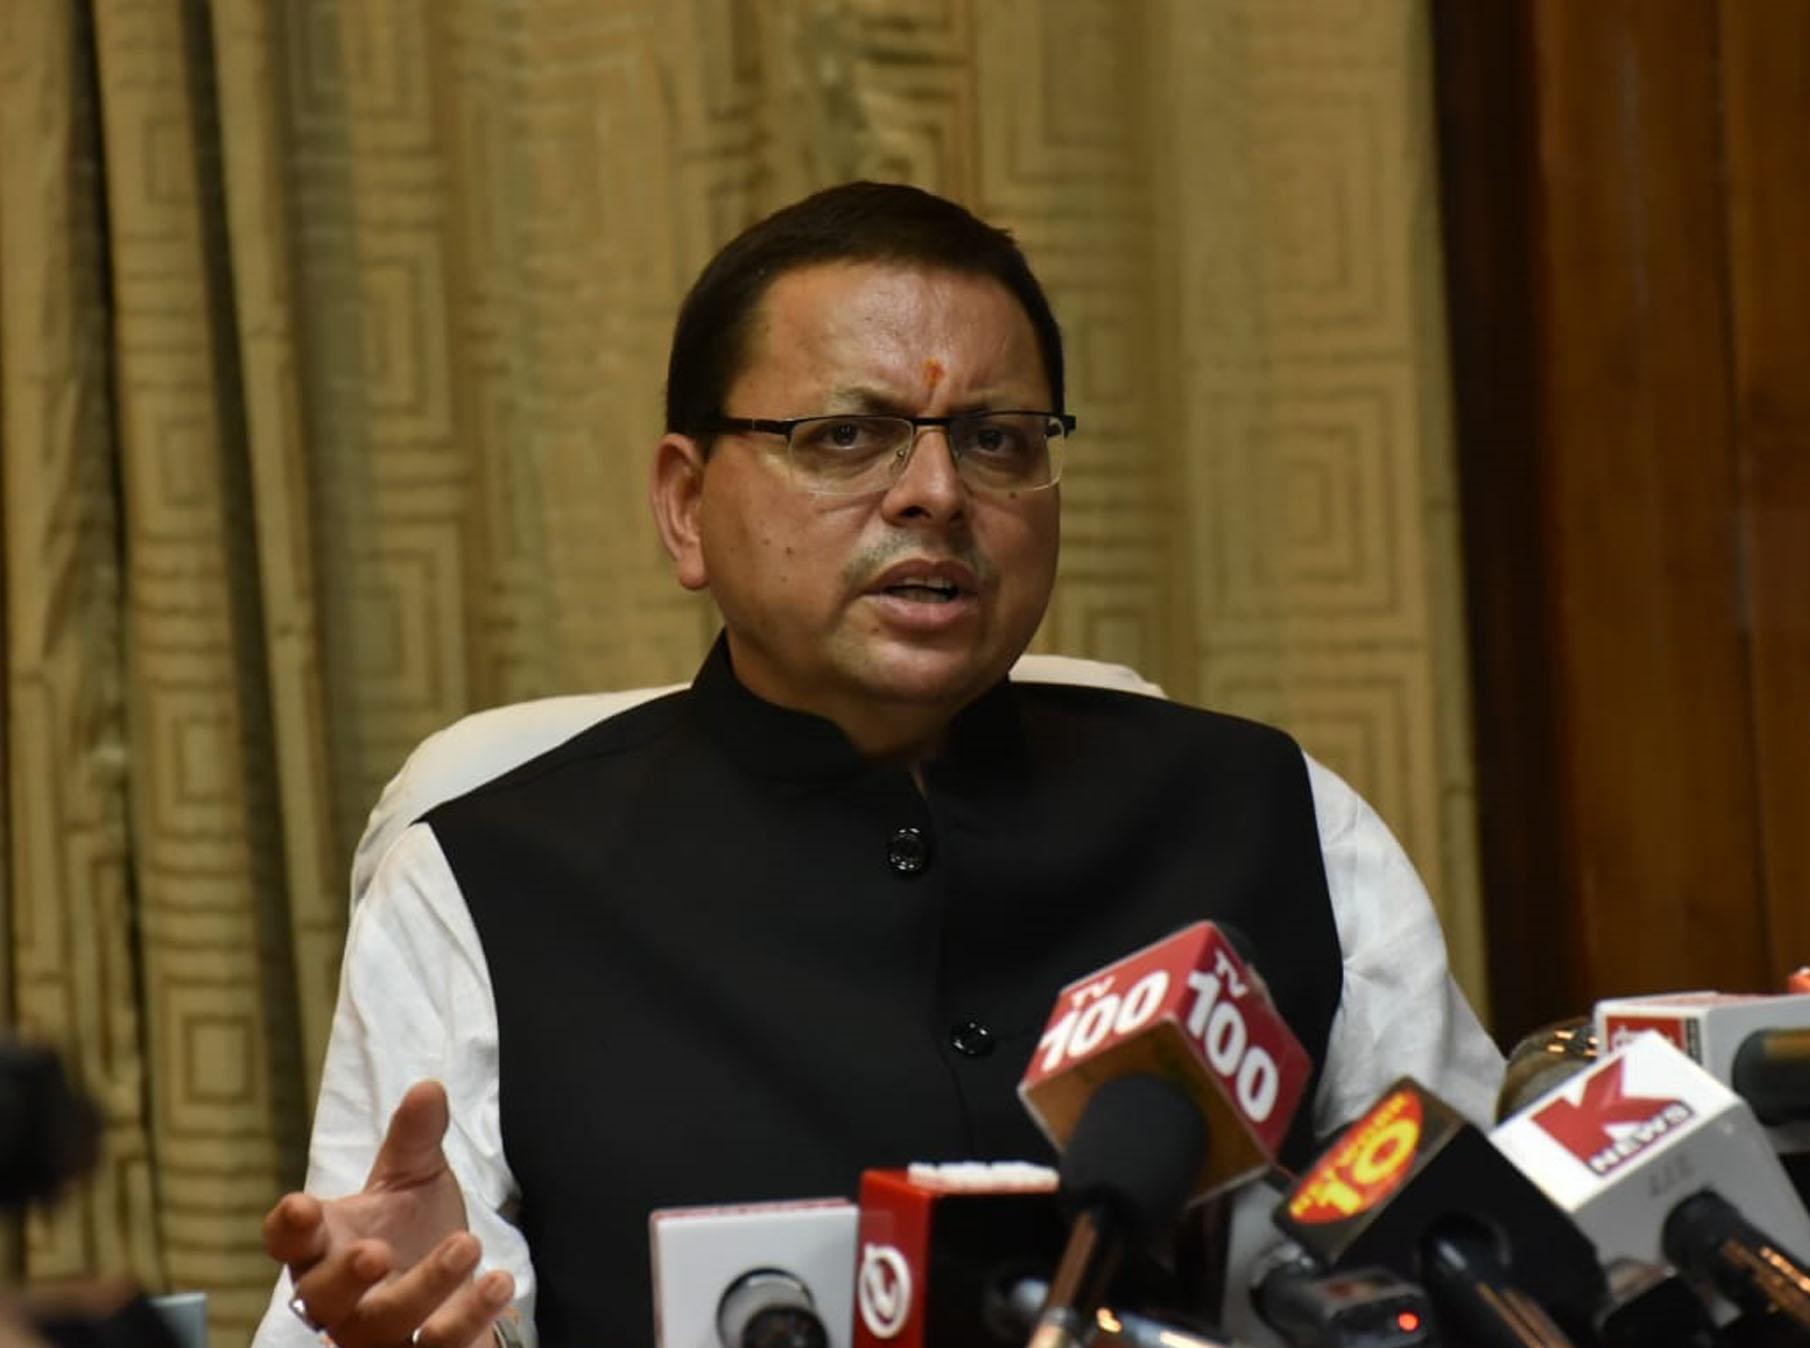 मुख्यमंत्री पुष्कर सिंह धामी का गोपेश्वर दौरा रद्द, लेकिन उत्तरकाशी जाएंगे सीएम